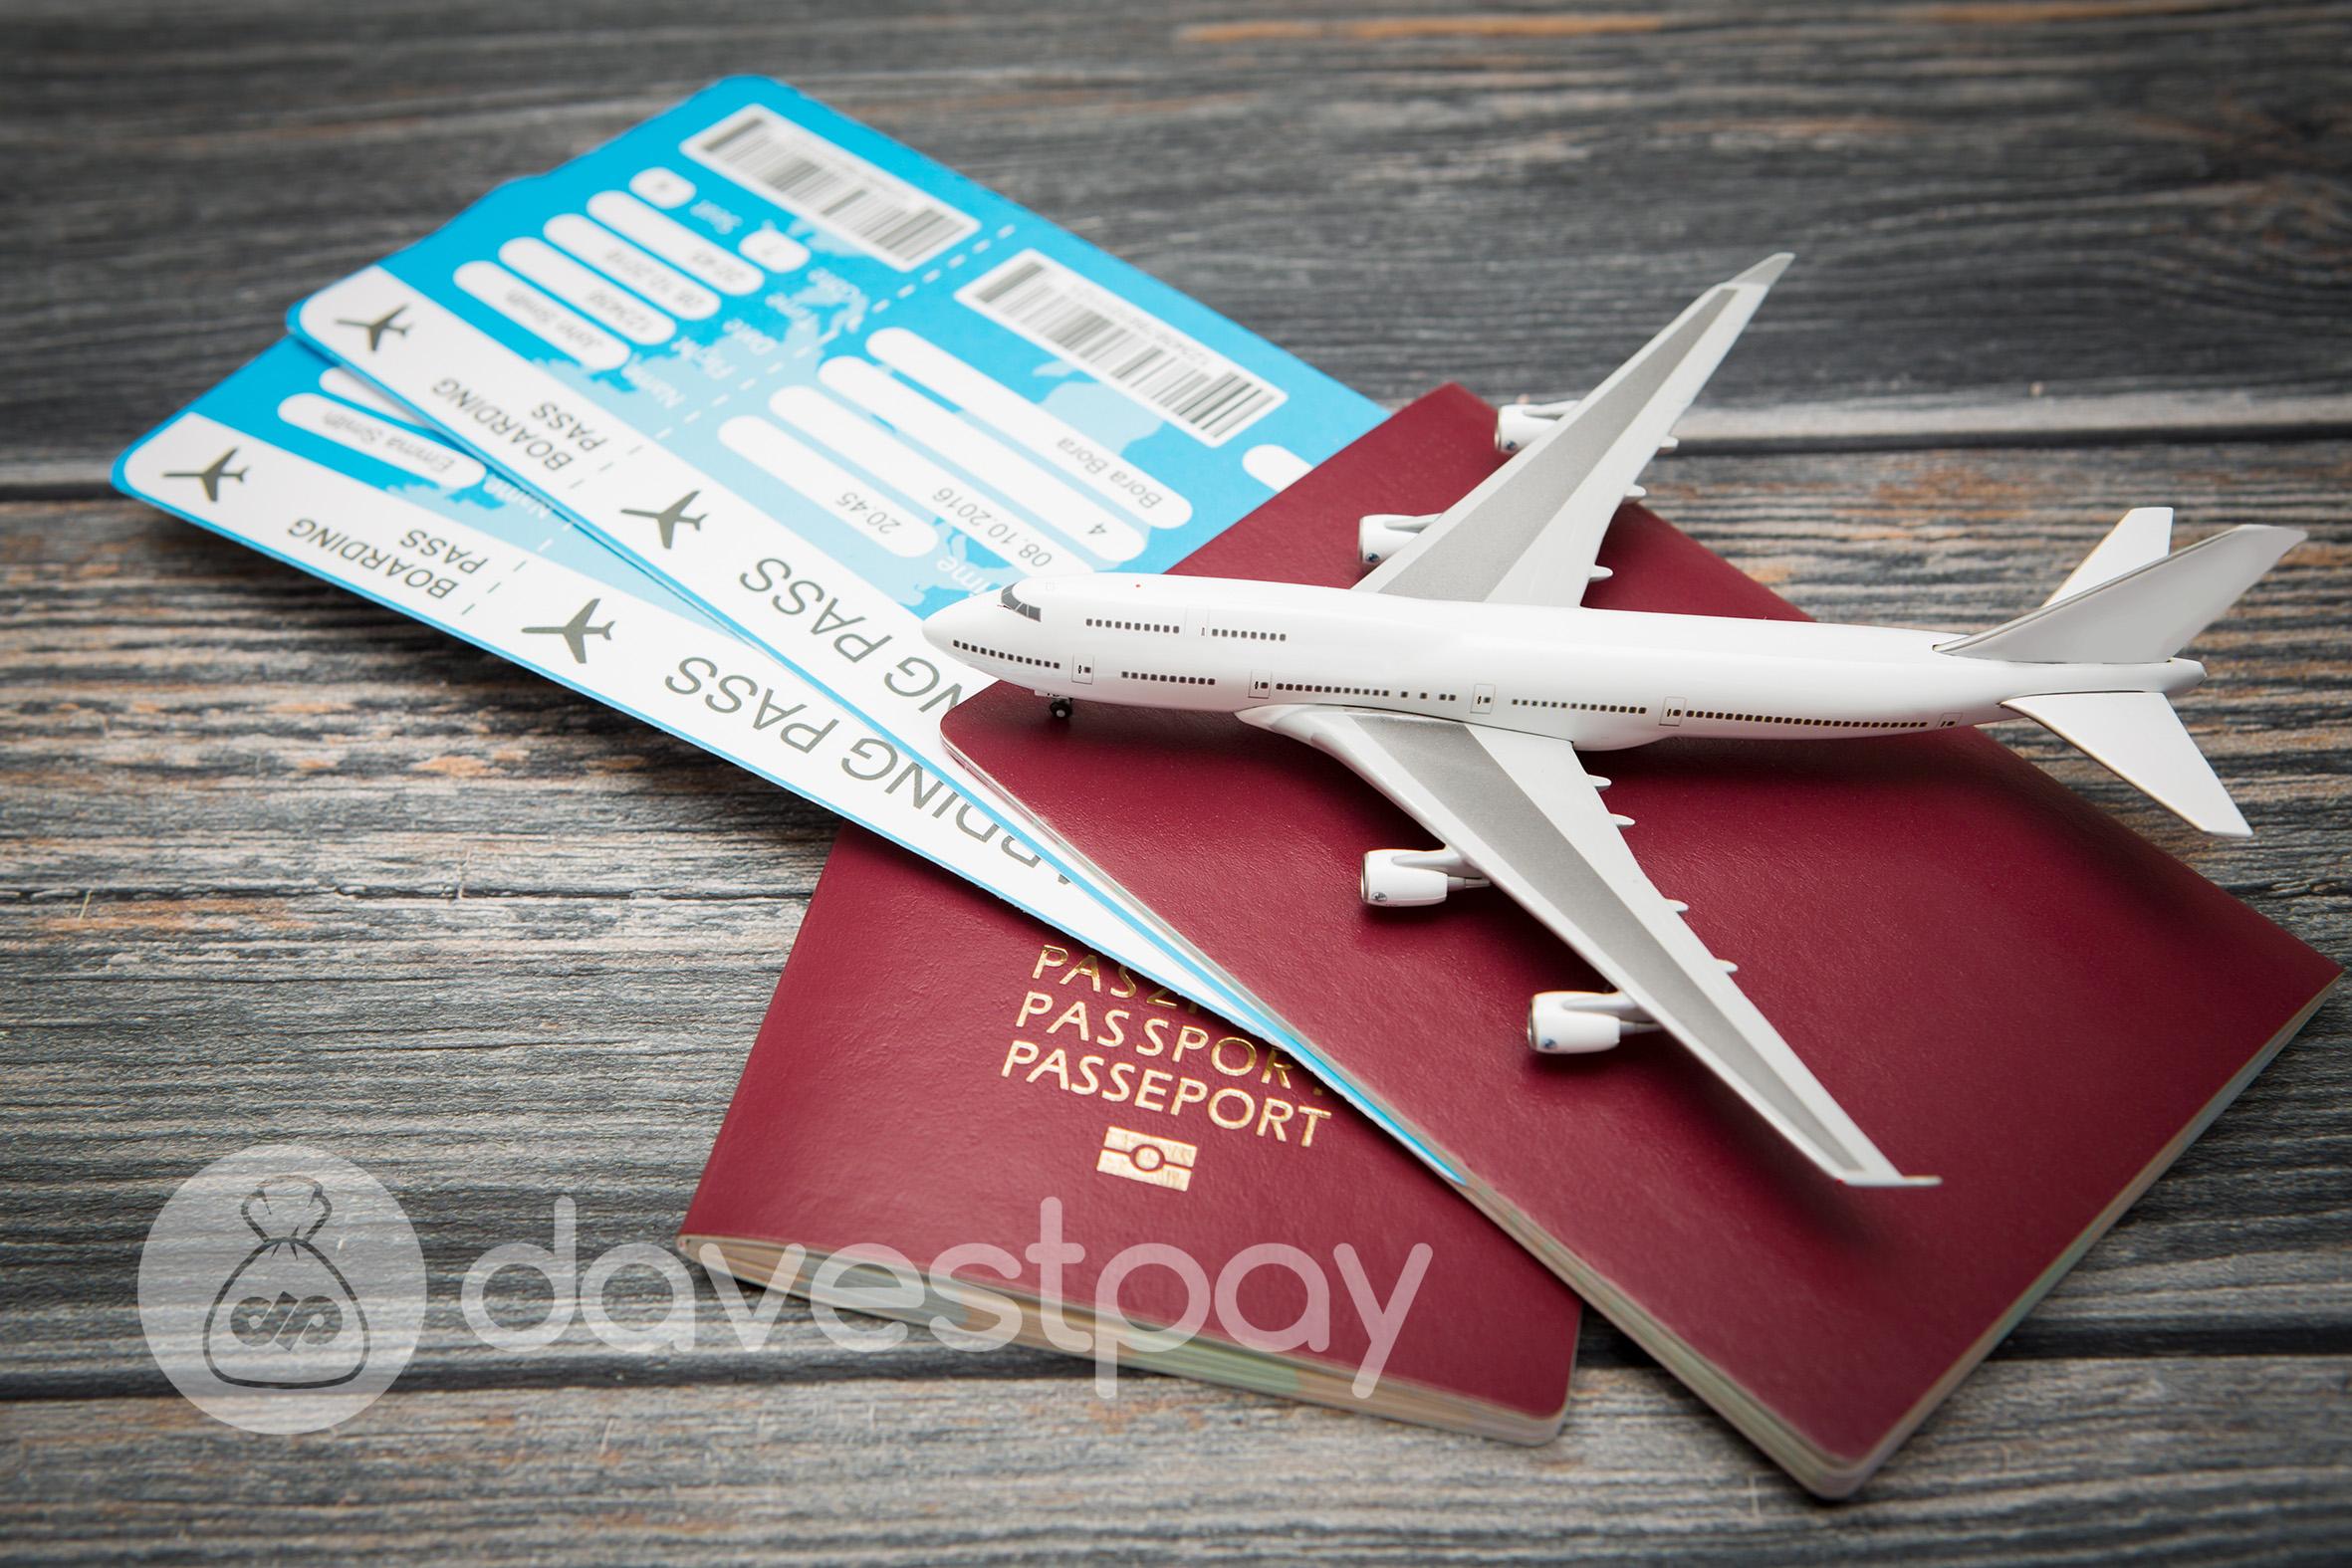 4 Cara Jitu Beli Tiket Pesawat Murah Tanpa Promo